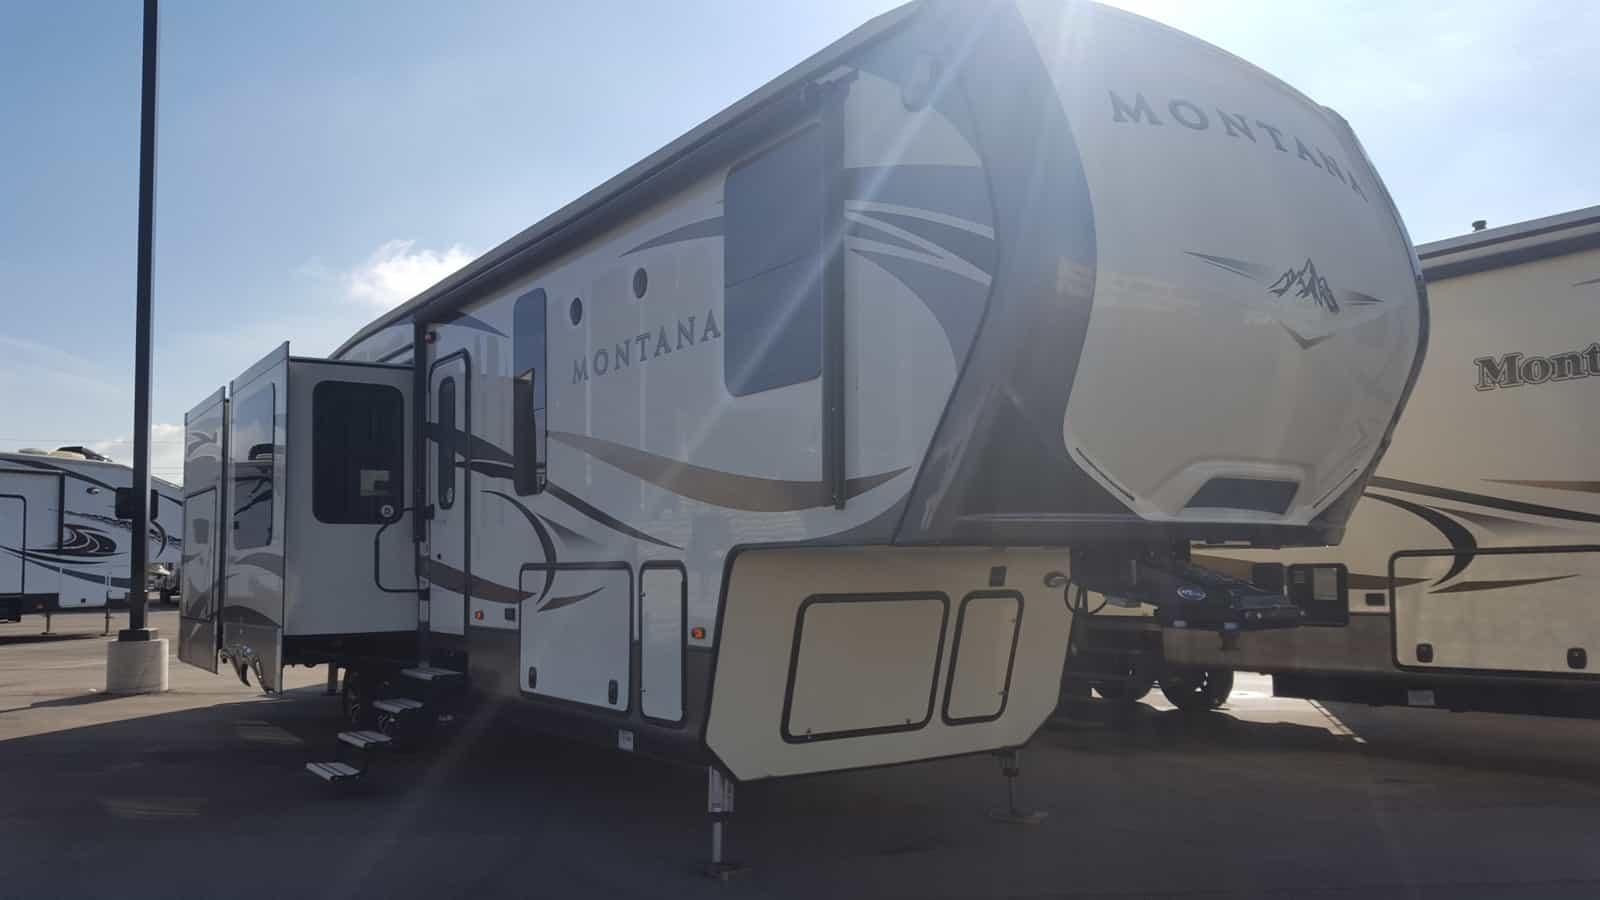 USED 2016 Keystone MONTANA 3661RL - American RV